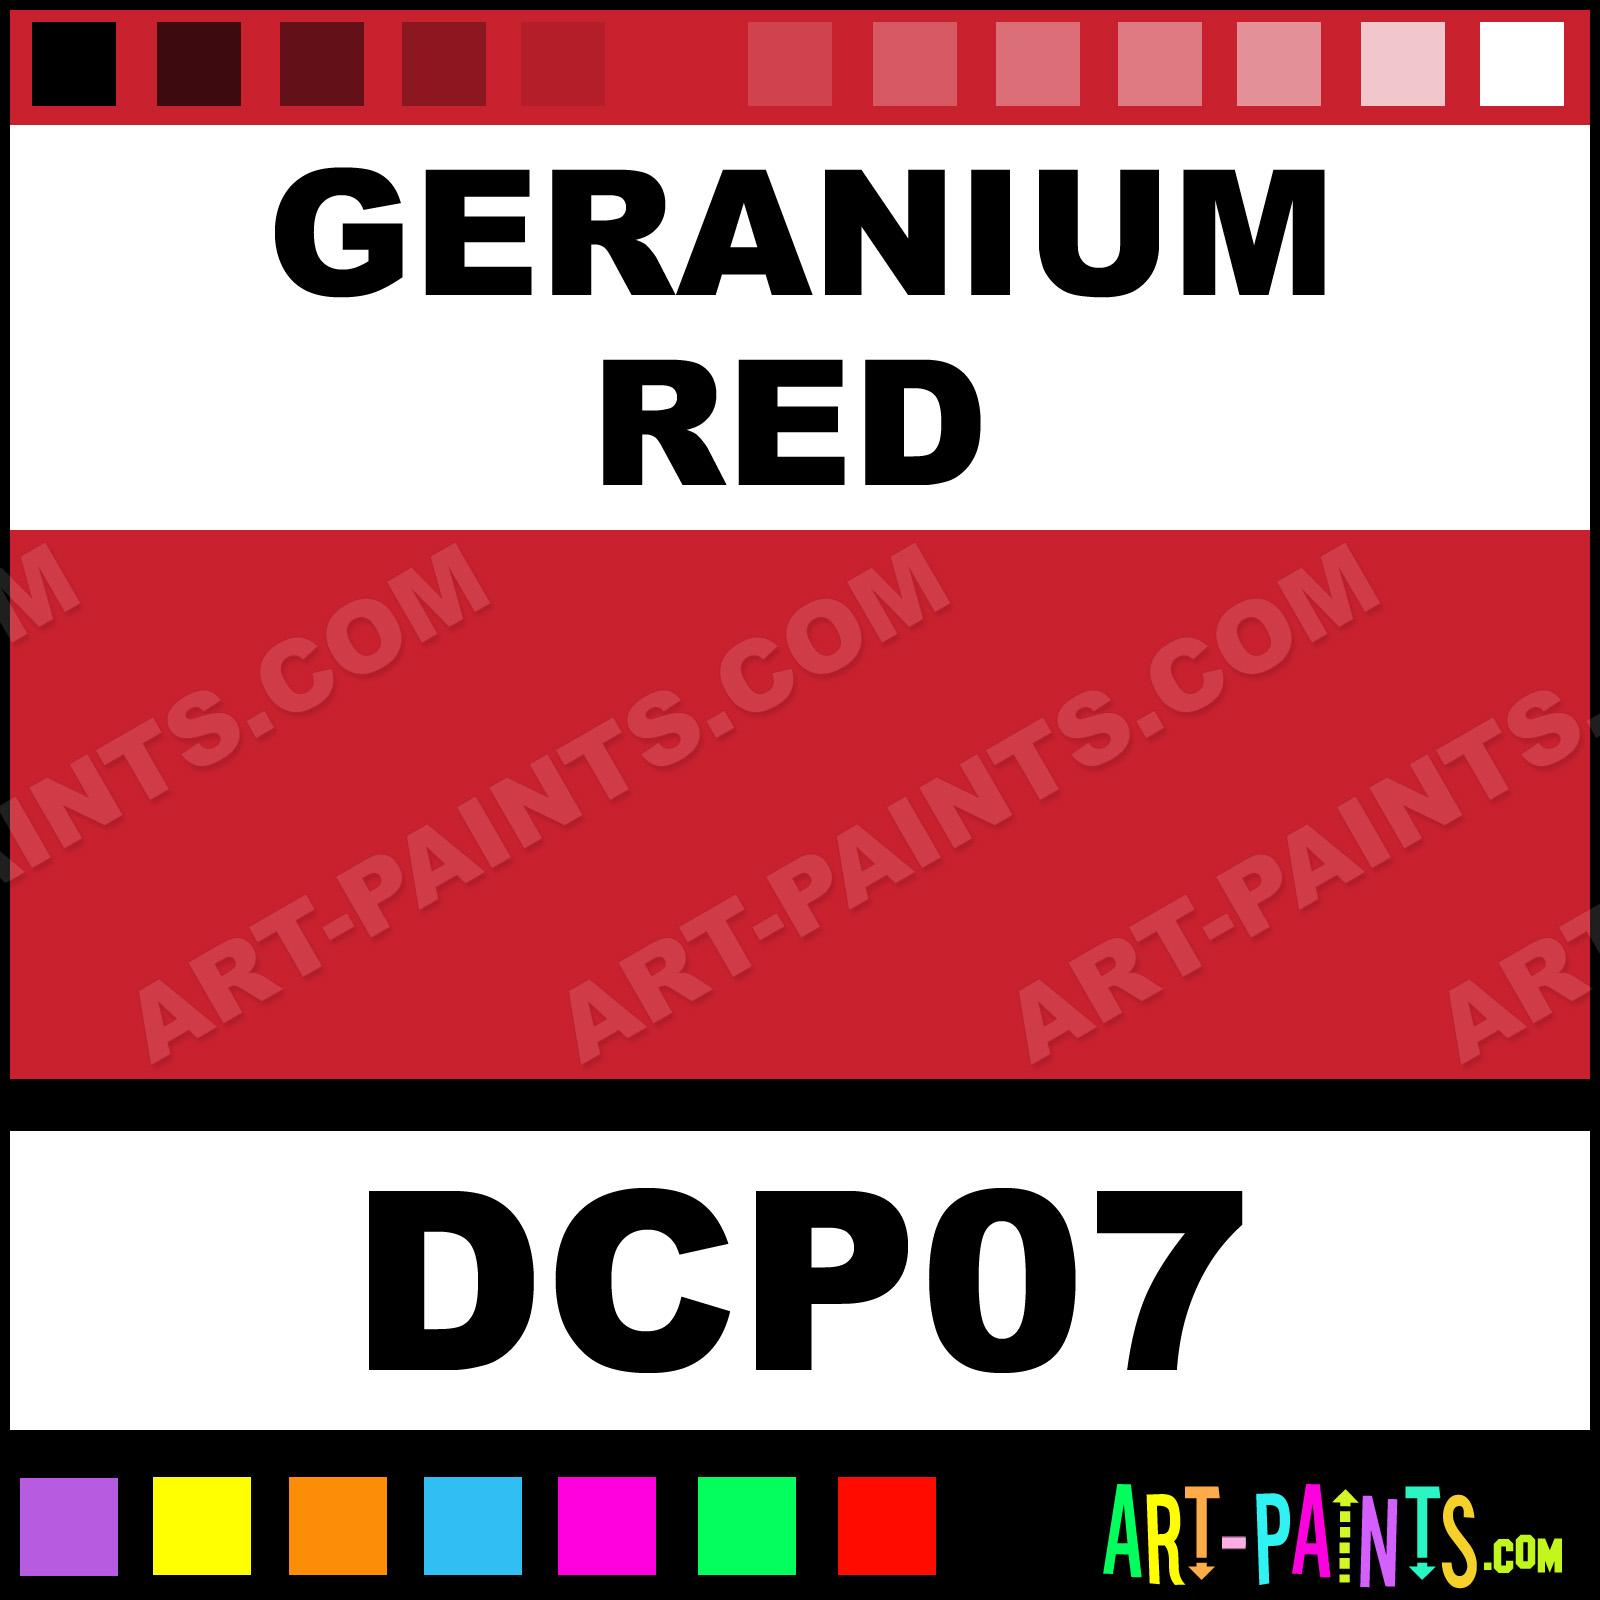 Geranium Red Paint